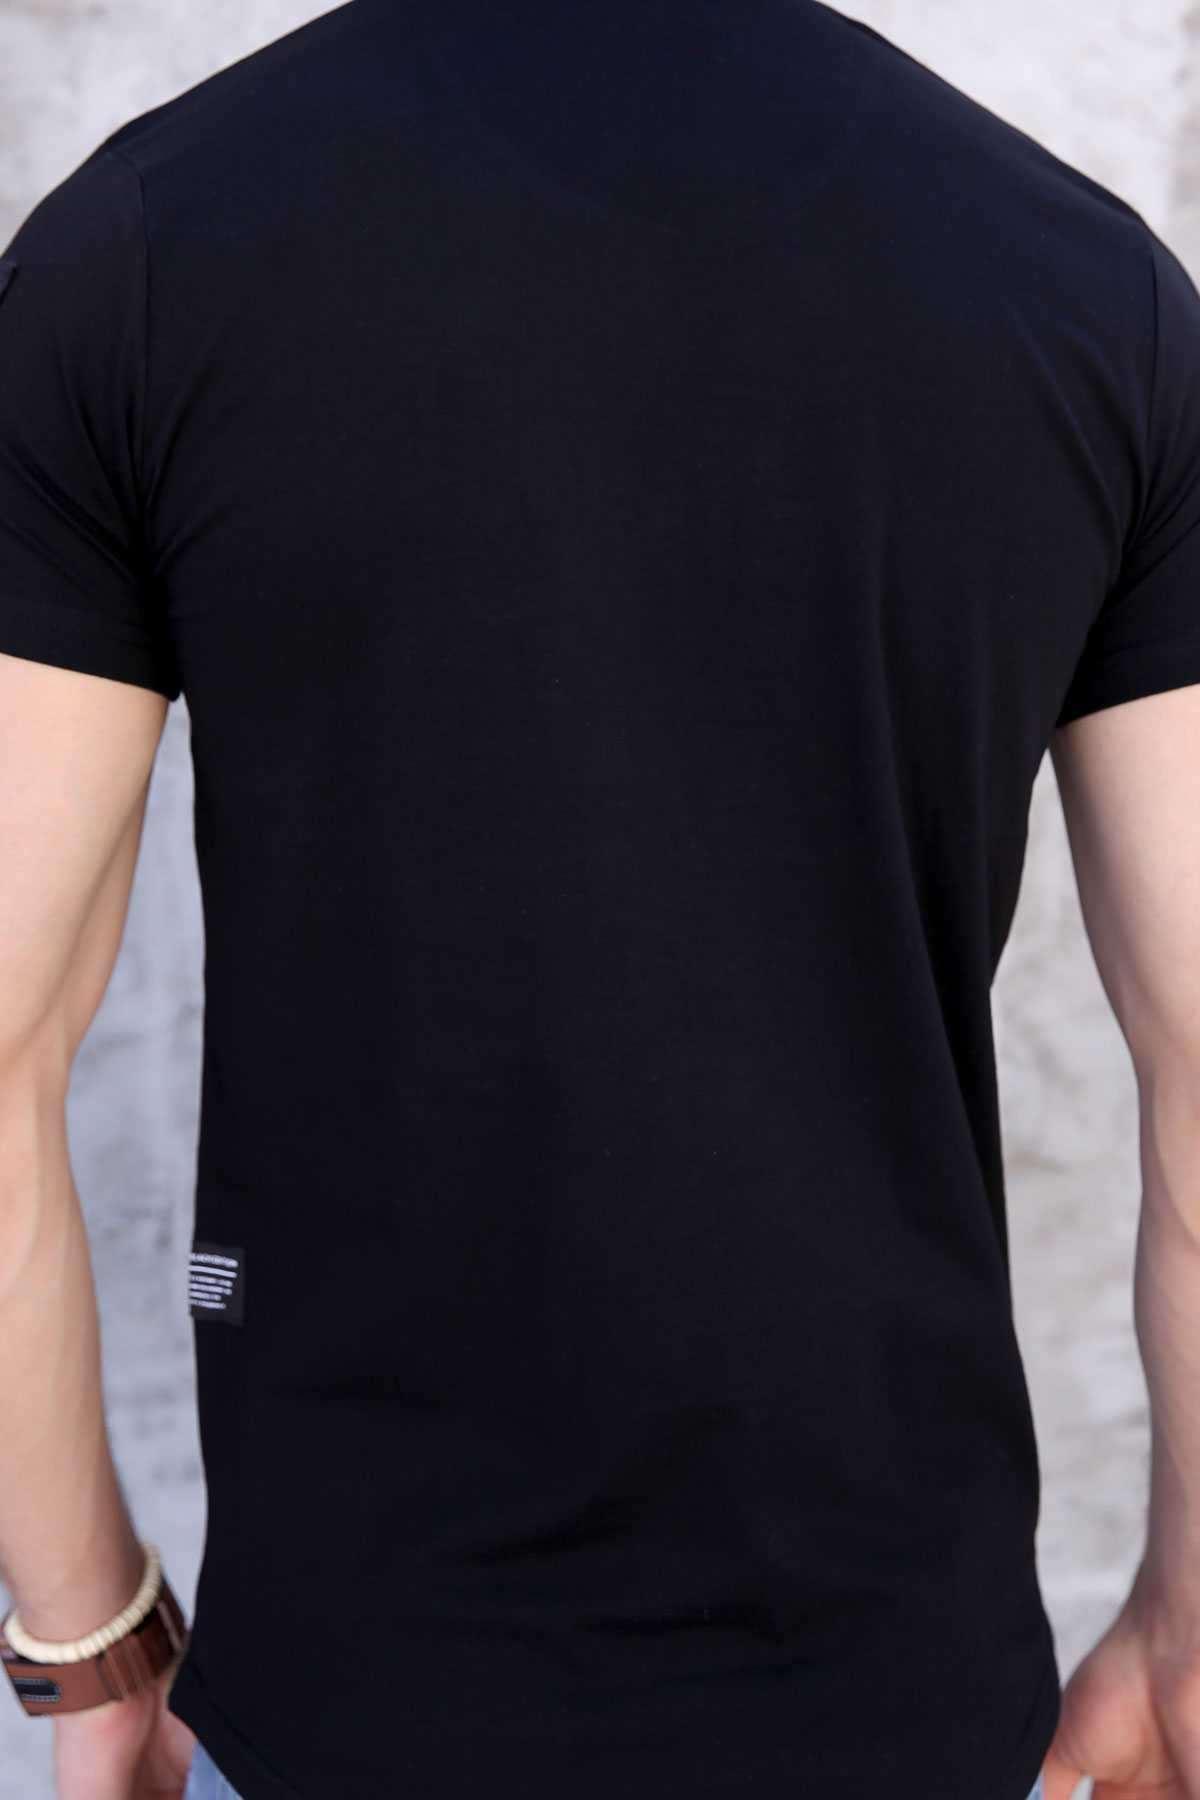 Tek Kol Halka Şerit Armalı Önü Küçük Kareli Slim Fit Tişört Siyah